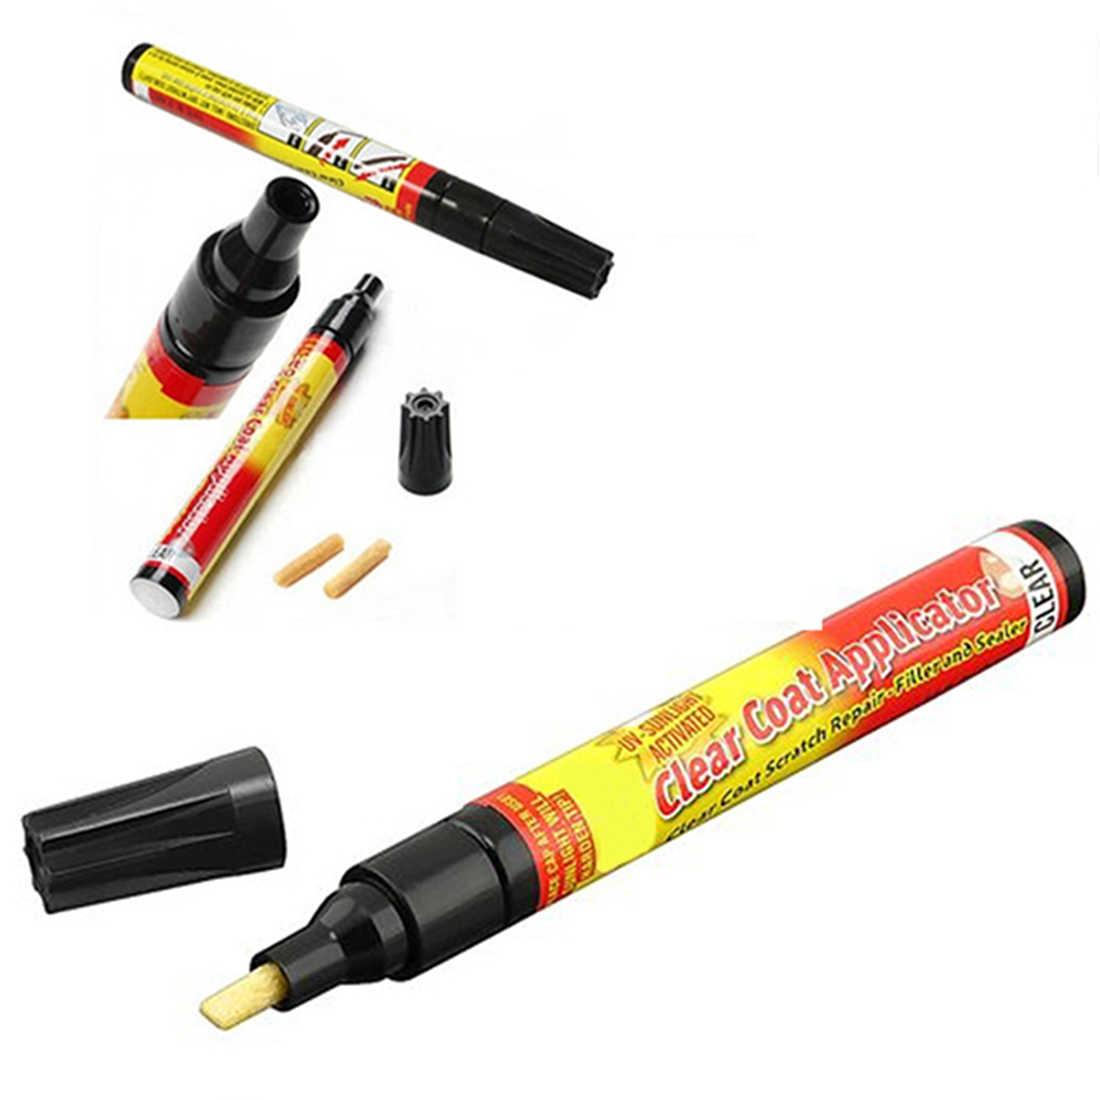 מכונית ציור עט לתקן זה פרו ברור לקסוס Es Rx הוא Lx Gs IS200 RX300 ES300 LS400 GX460